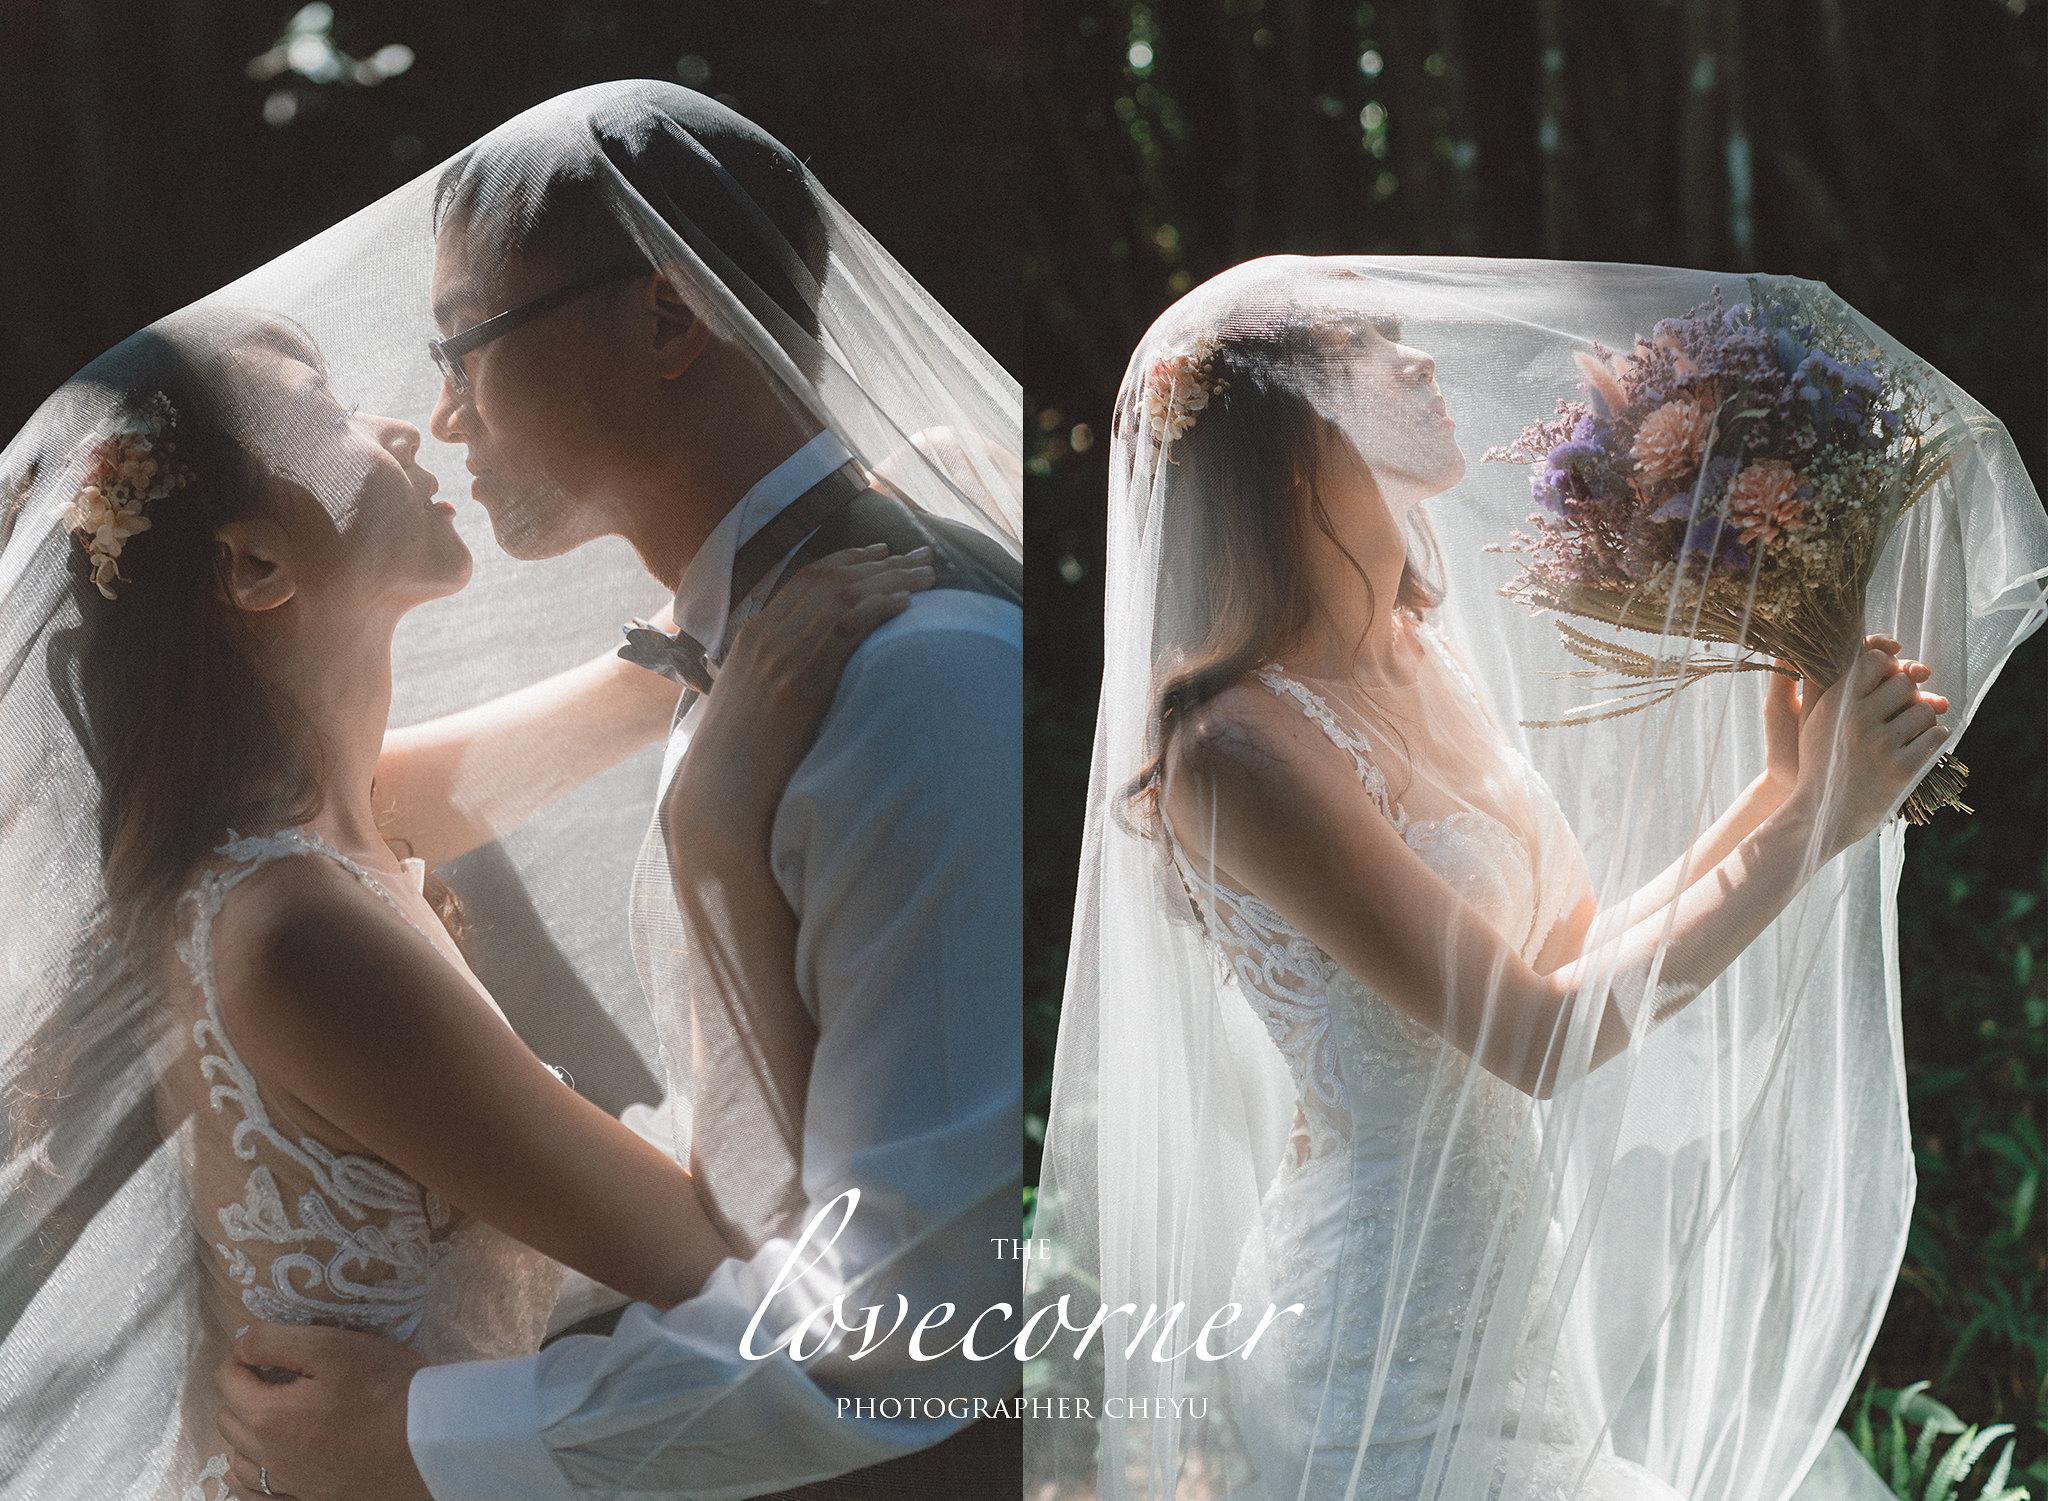 墾丁婚紗 - 清新森林系&  私人沙灘景點   Fantasy范特囍手工婚紗